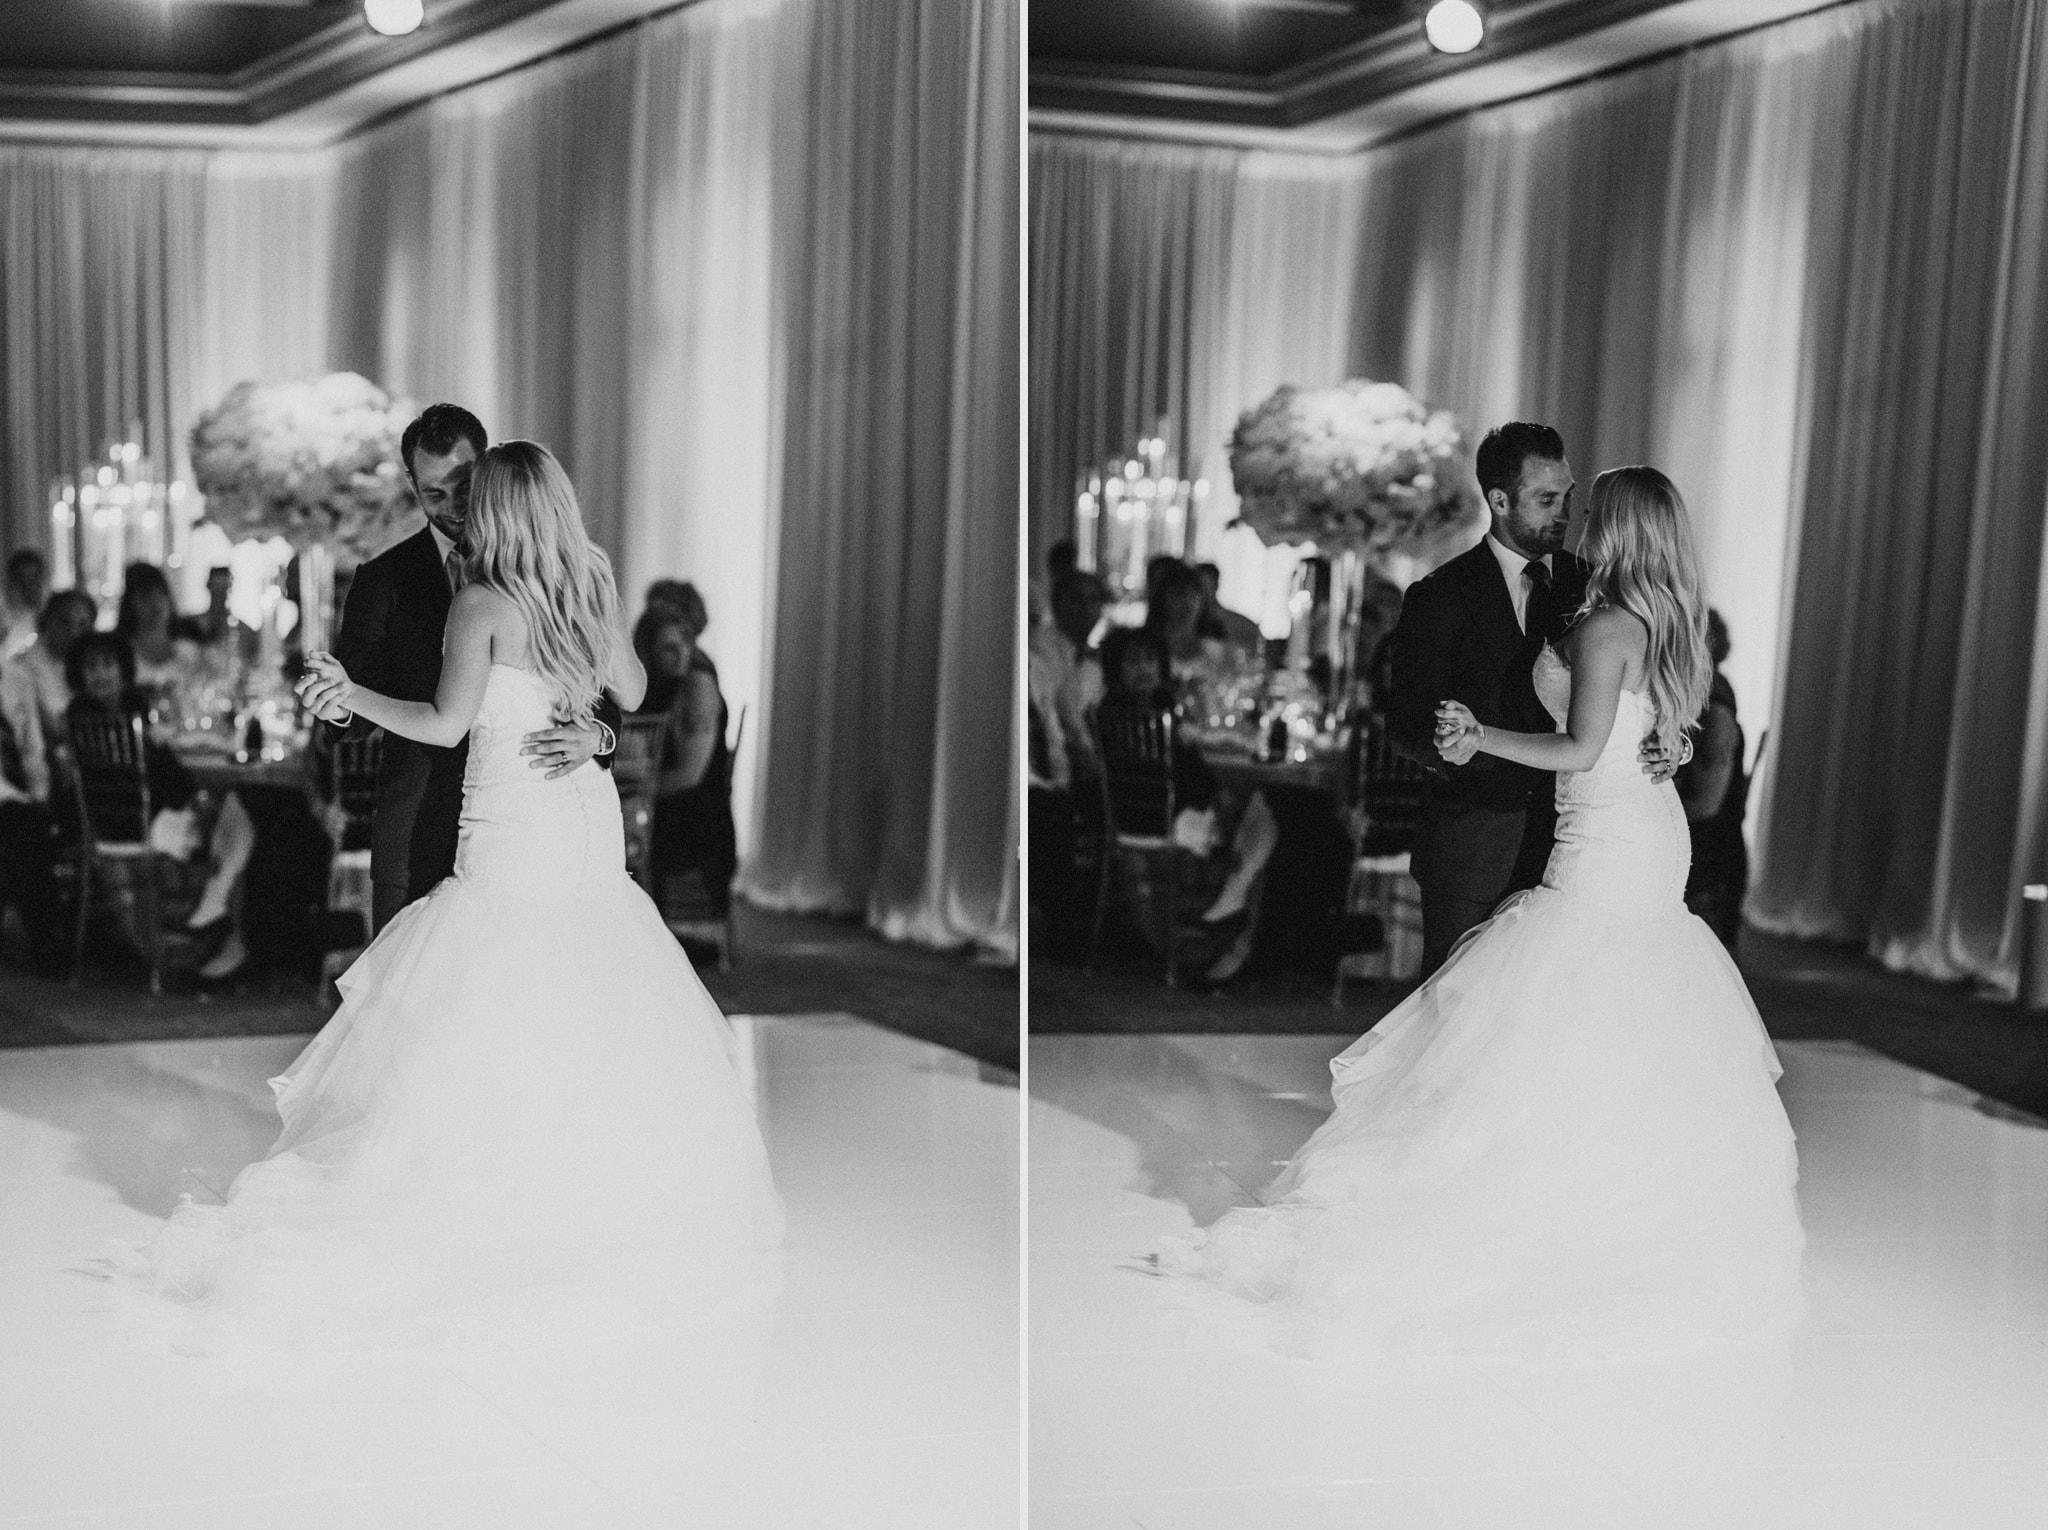 074-wedding-first-dance.jpg